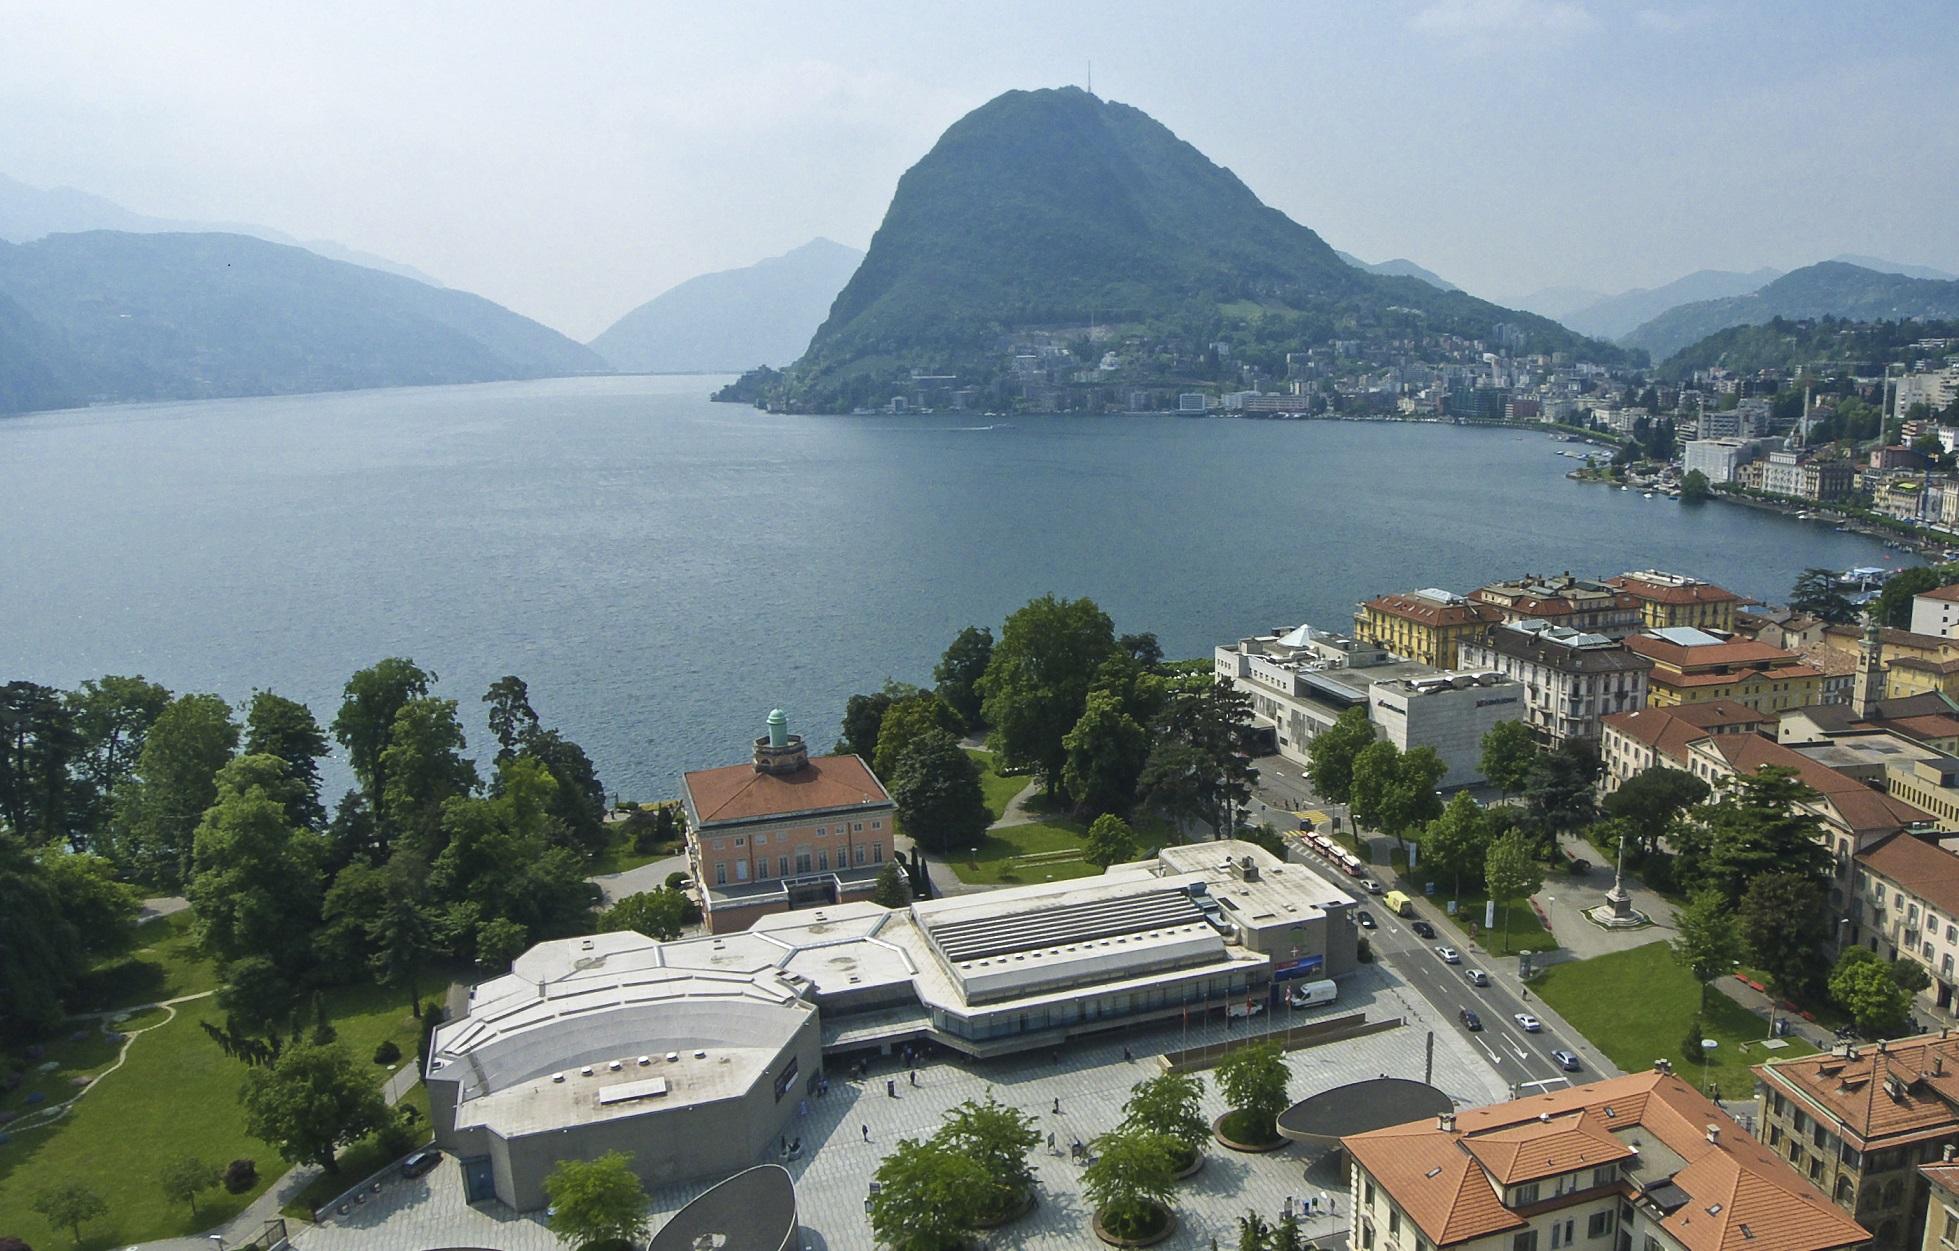 Lugano_aussen_klein.jpg